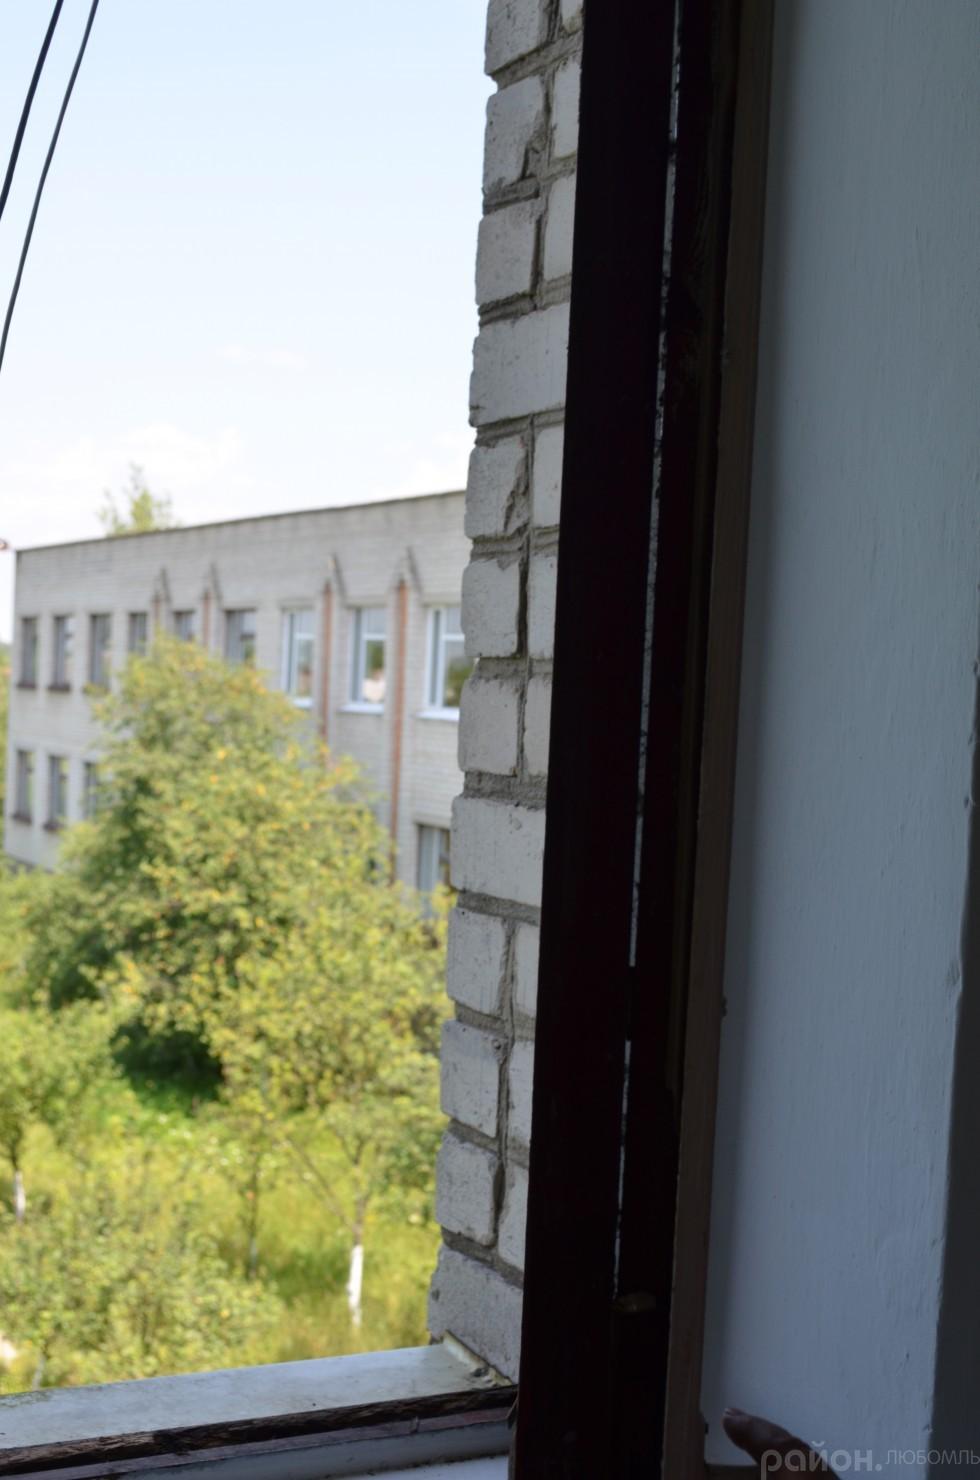 Яке тепло може втриматися у приміщенні школи взимку, якщо у віконних рамах такі щілини.